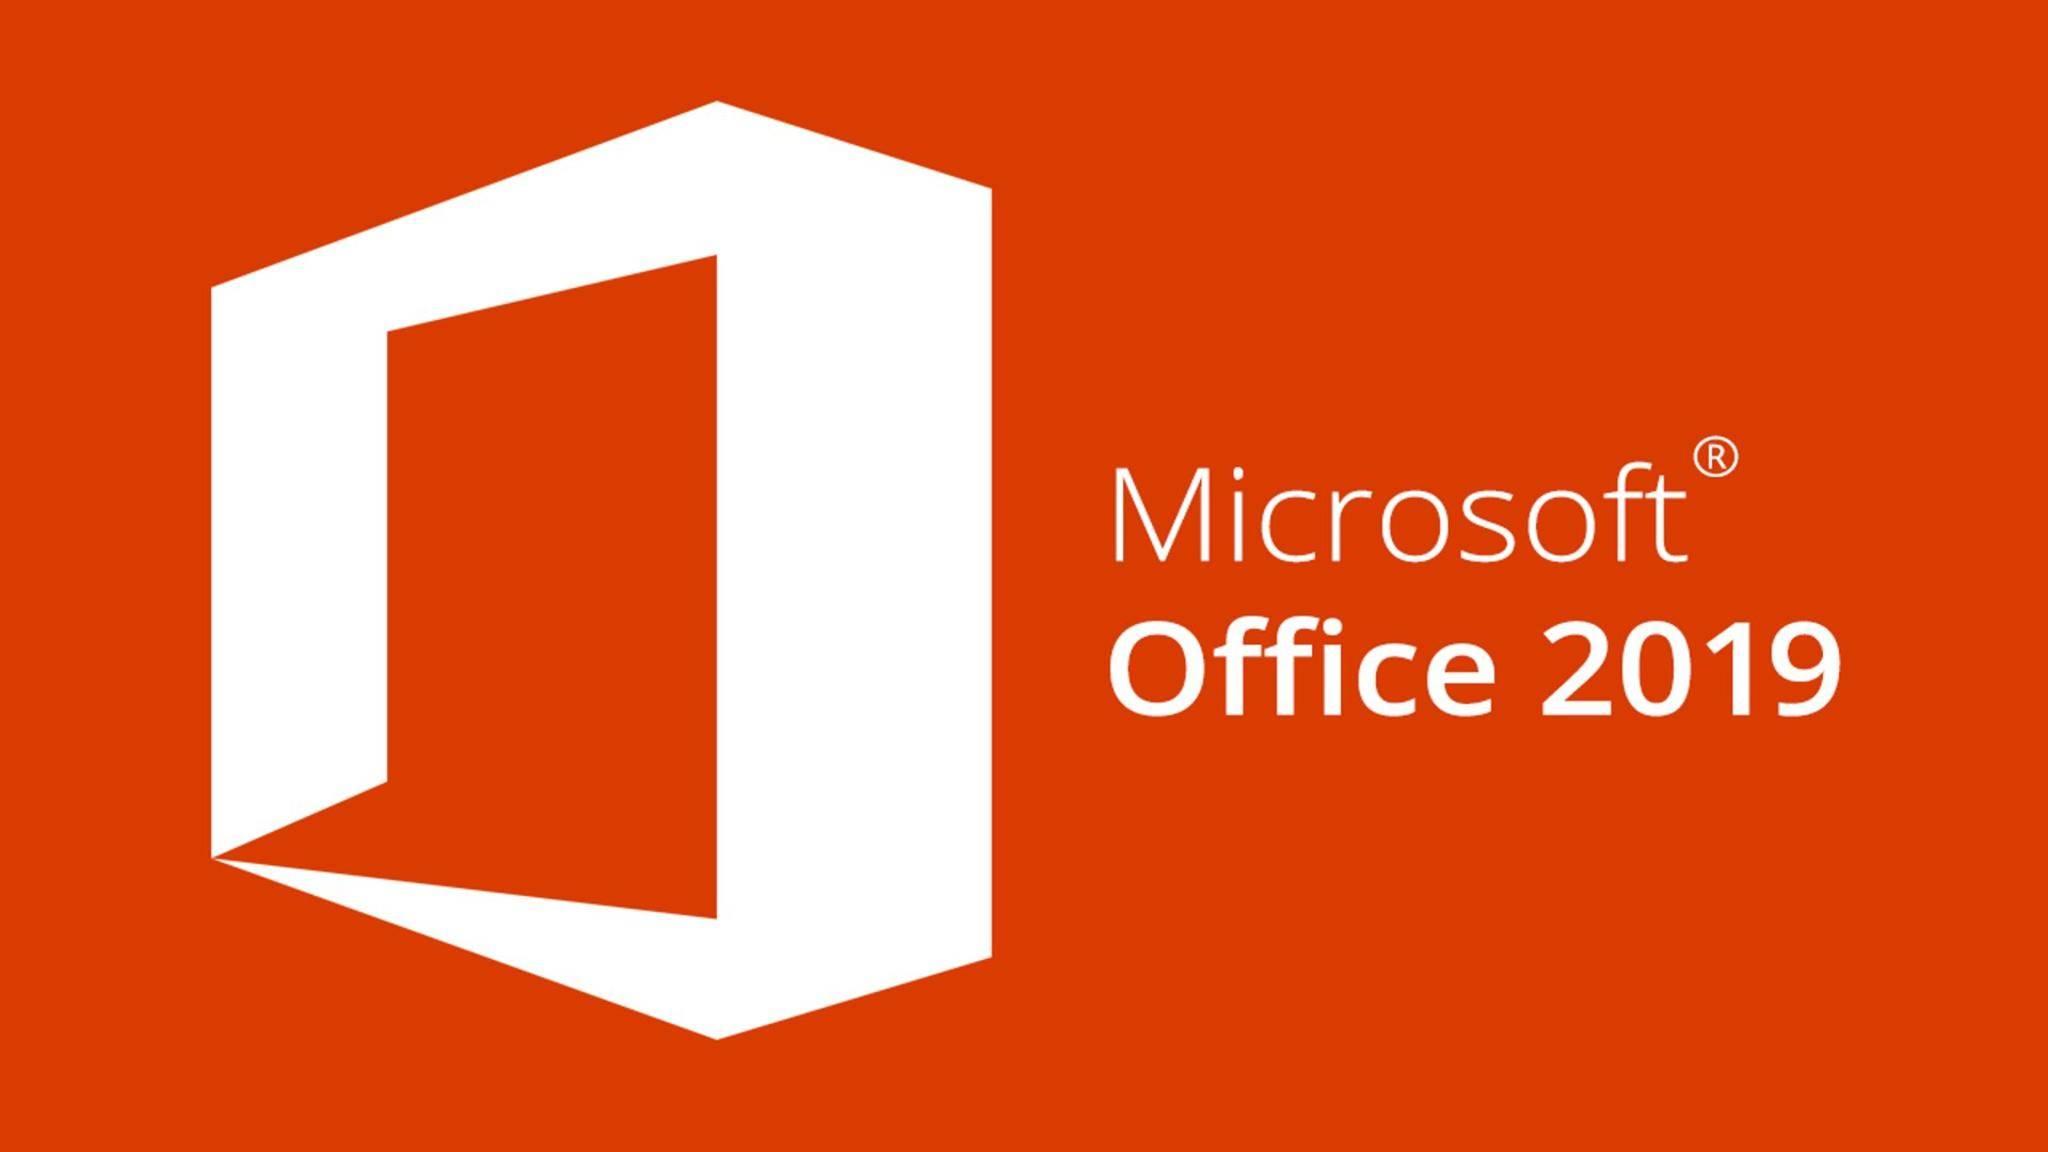 In unserem Ratgeber verraten wir Dir, wie Du die neuen Funktionen in Microsoft Office 2019 nutzt.